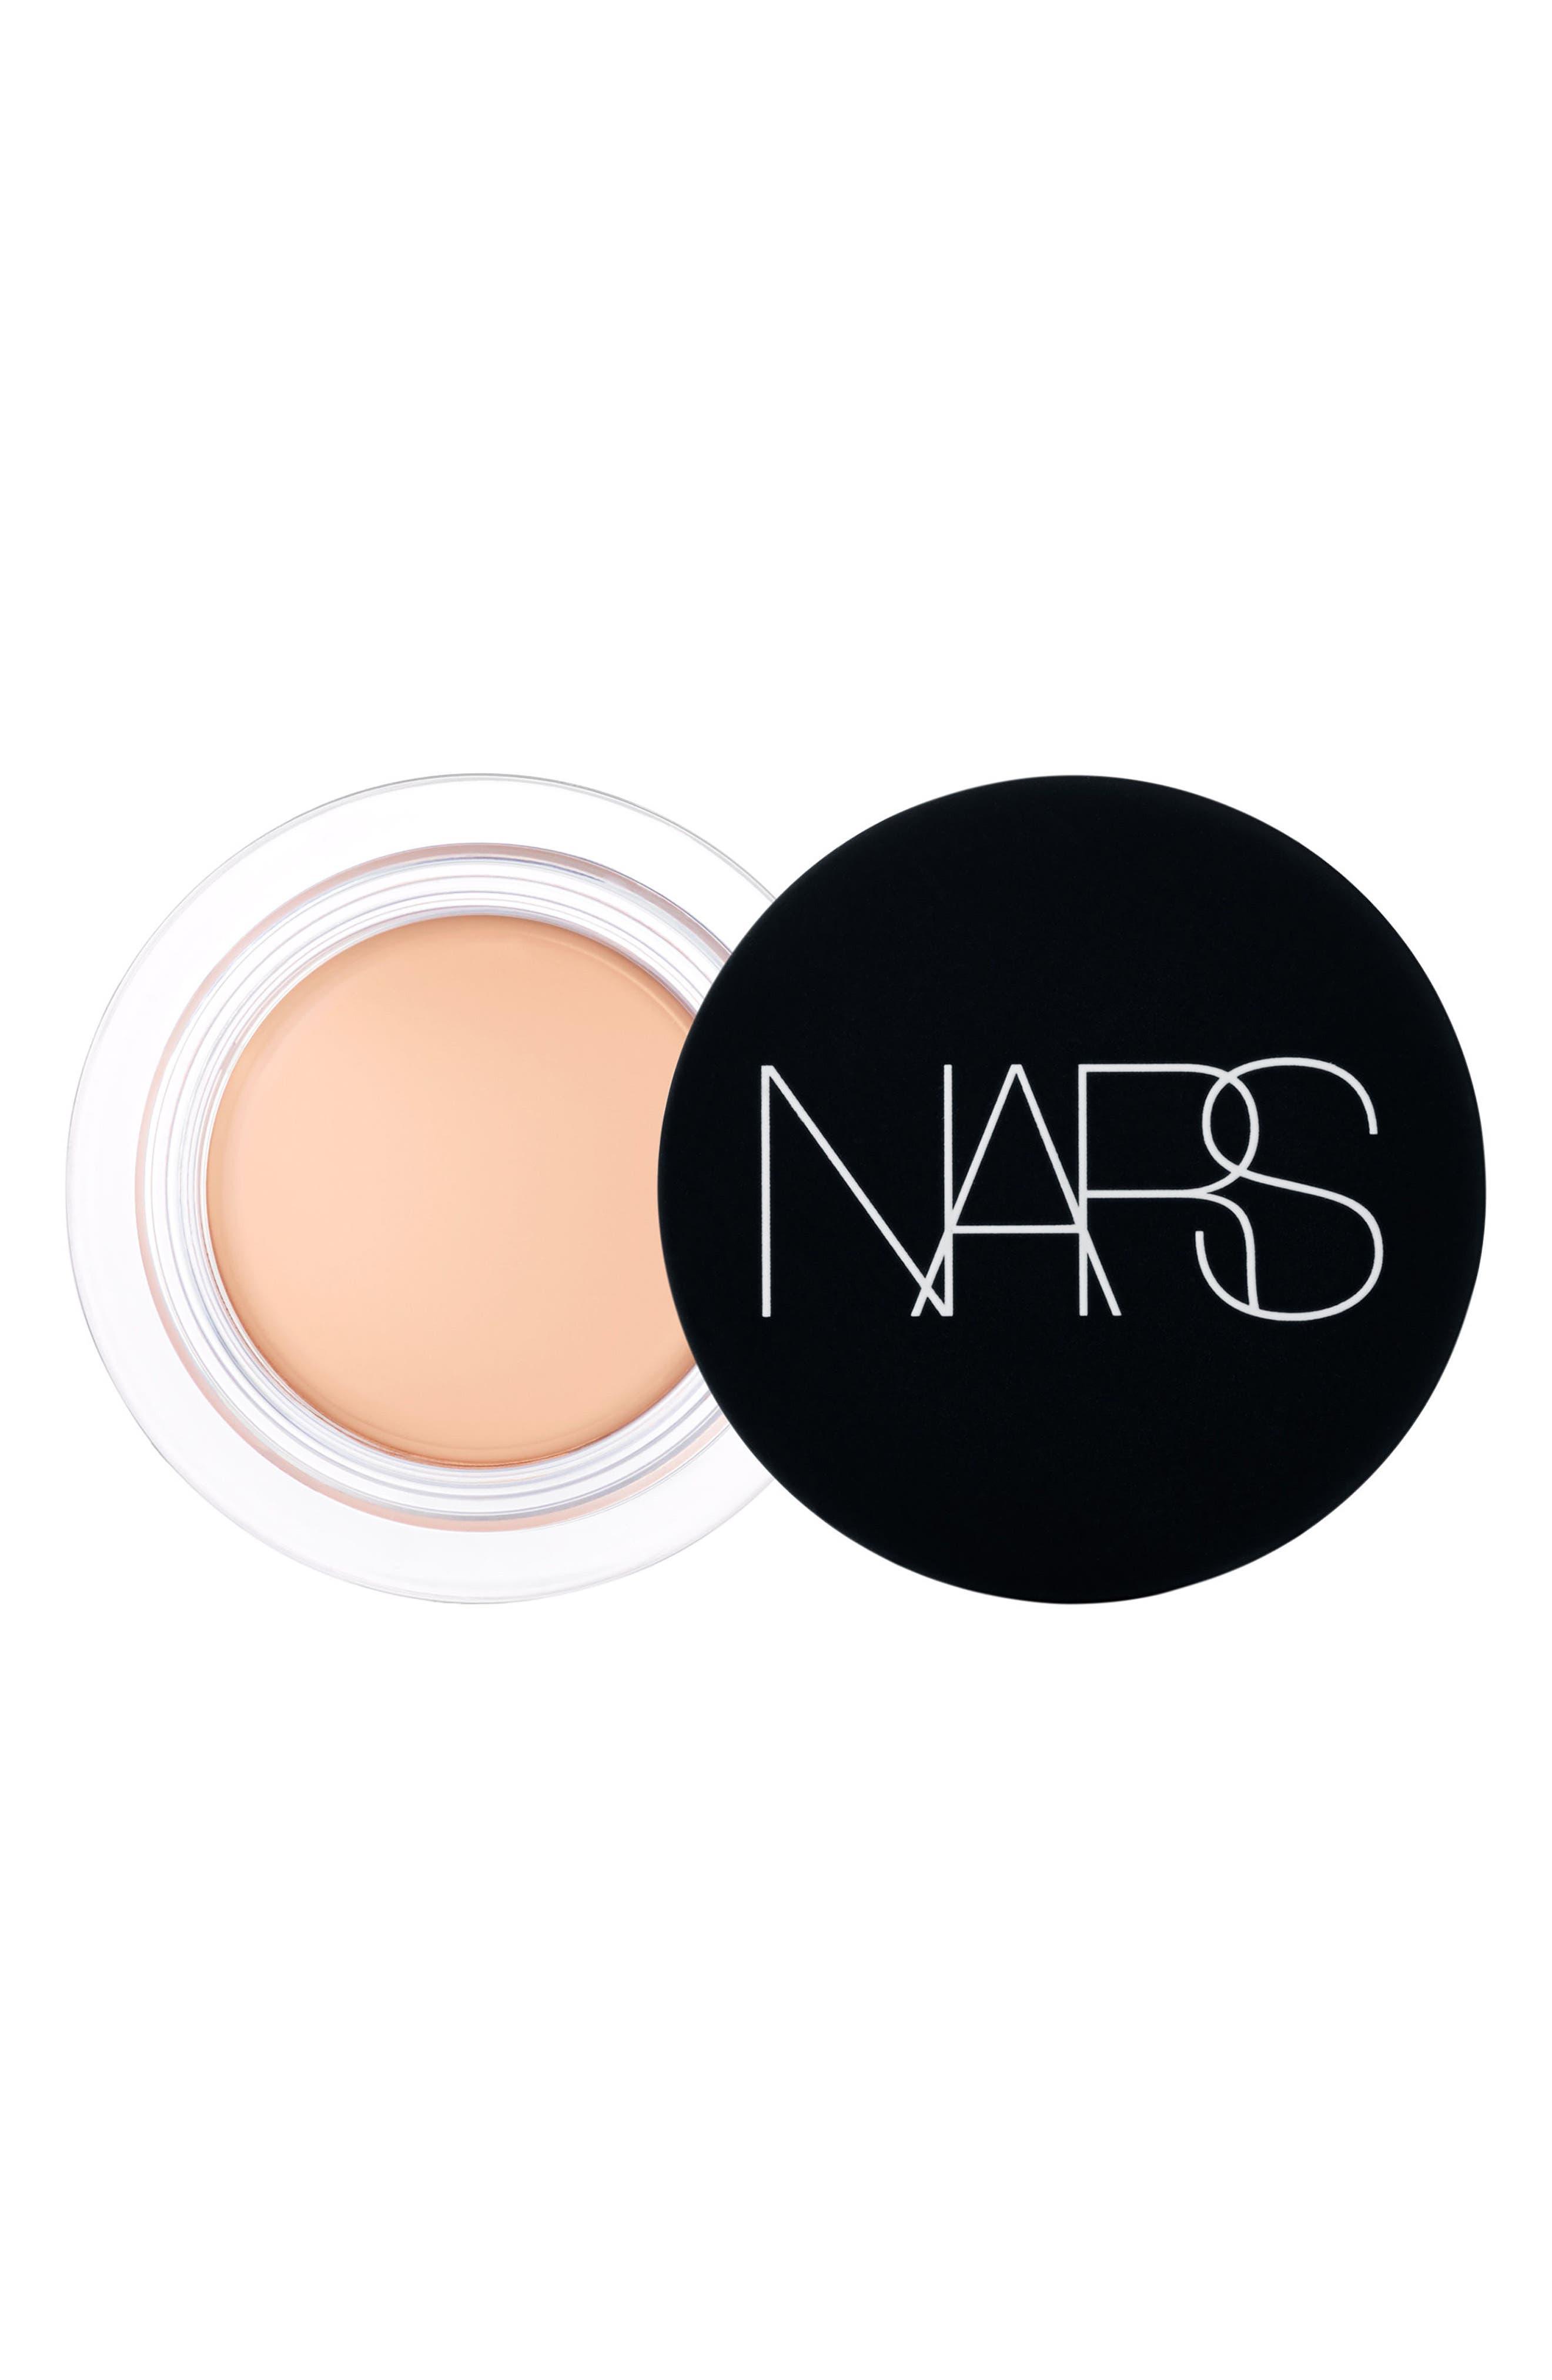 Alternate Image 1 Selected - NARS Soft Matte Concealer